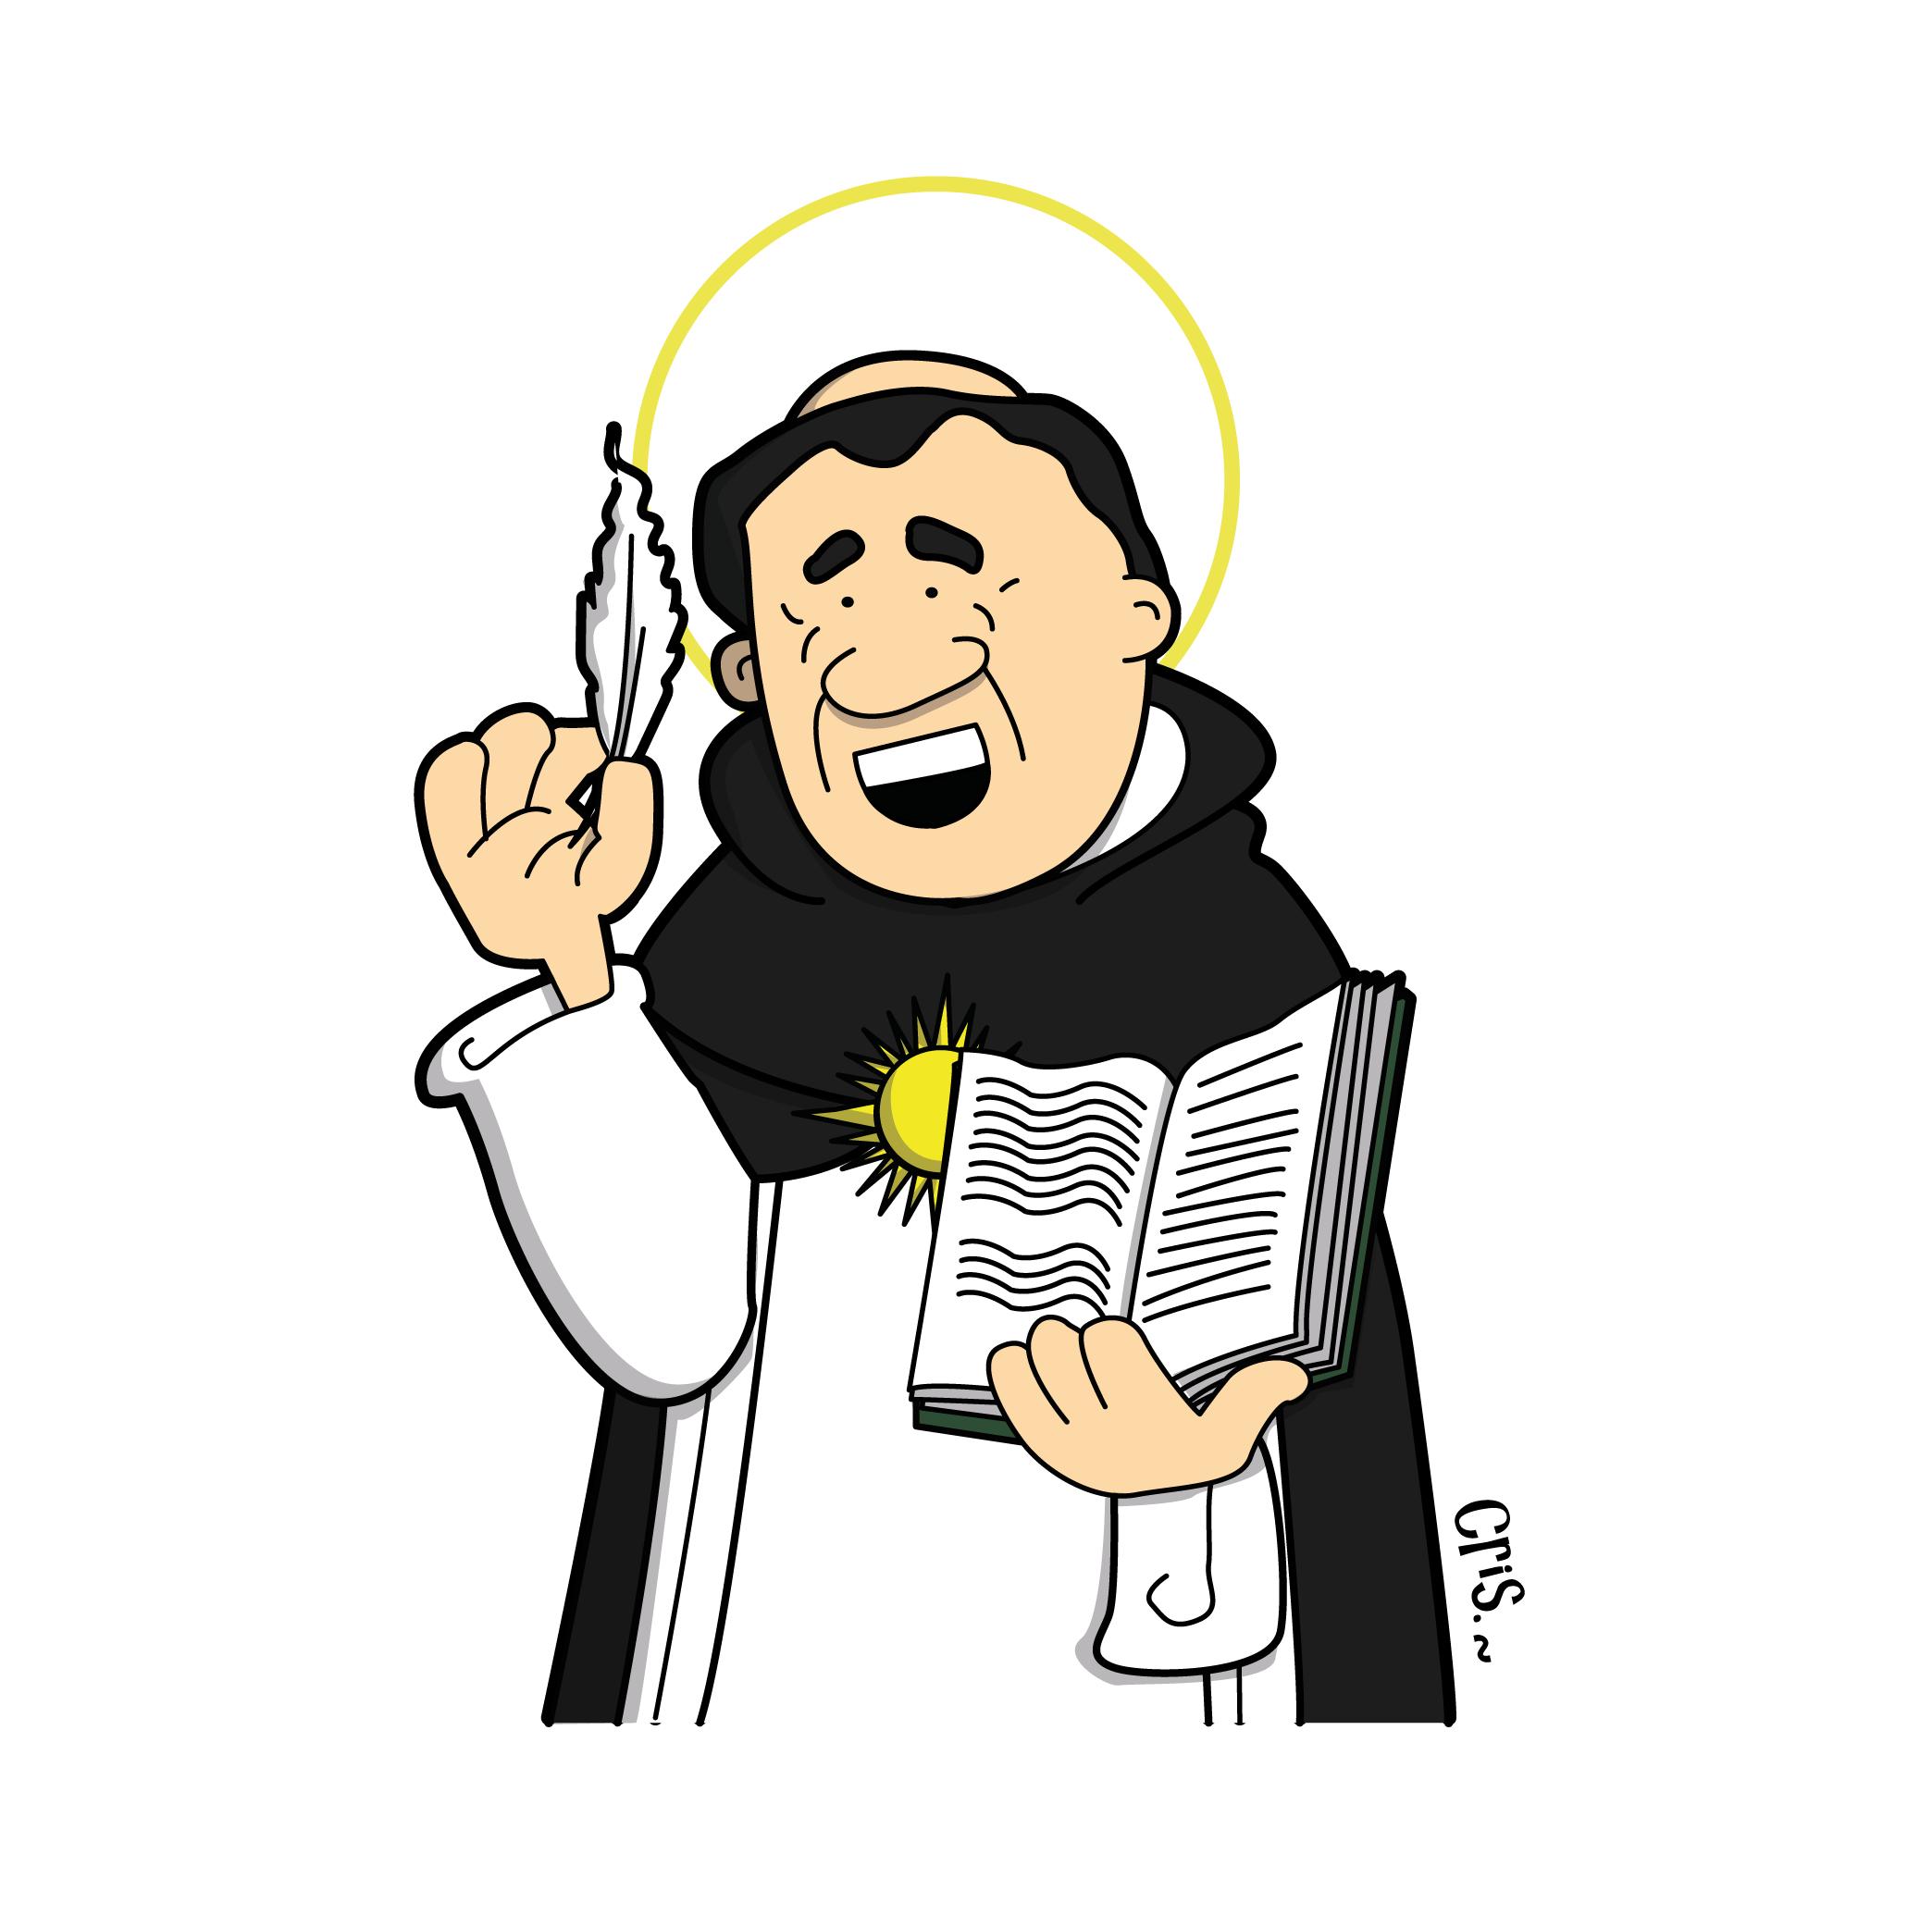 St aquinas clipart clip download St Thomas Aquinas | St Thomas Aquinas | Saint thomas aquinas ... clip download